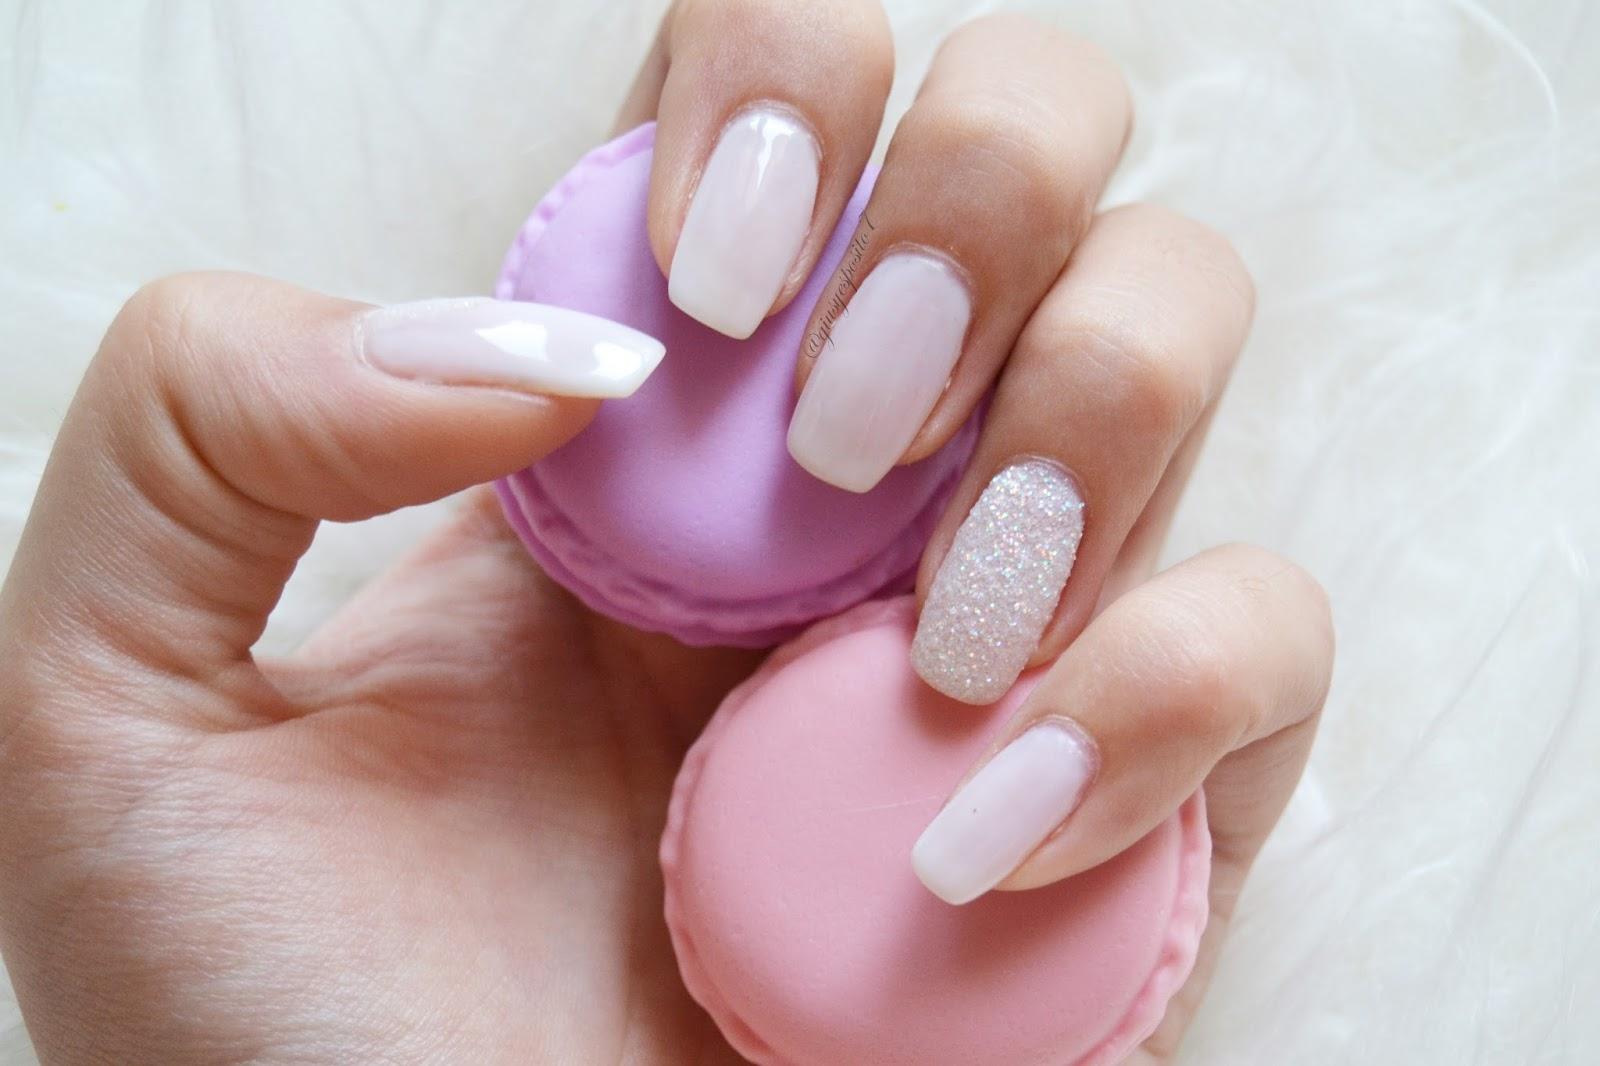 Effetto Zucchero la nail art molto invernale se fatta nella versione con  polvere bianca. Il risultato è fine ed elegante. Dopo aver passato il  colore e il